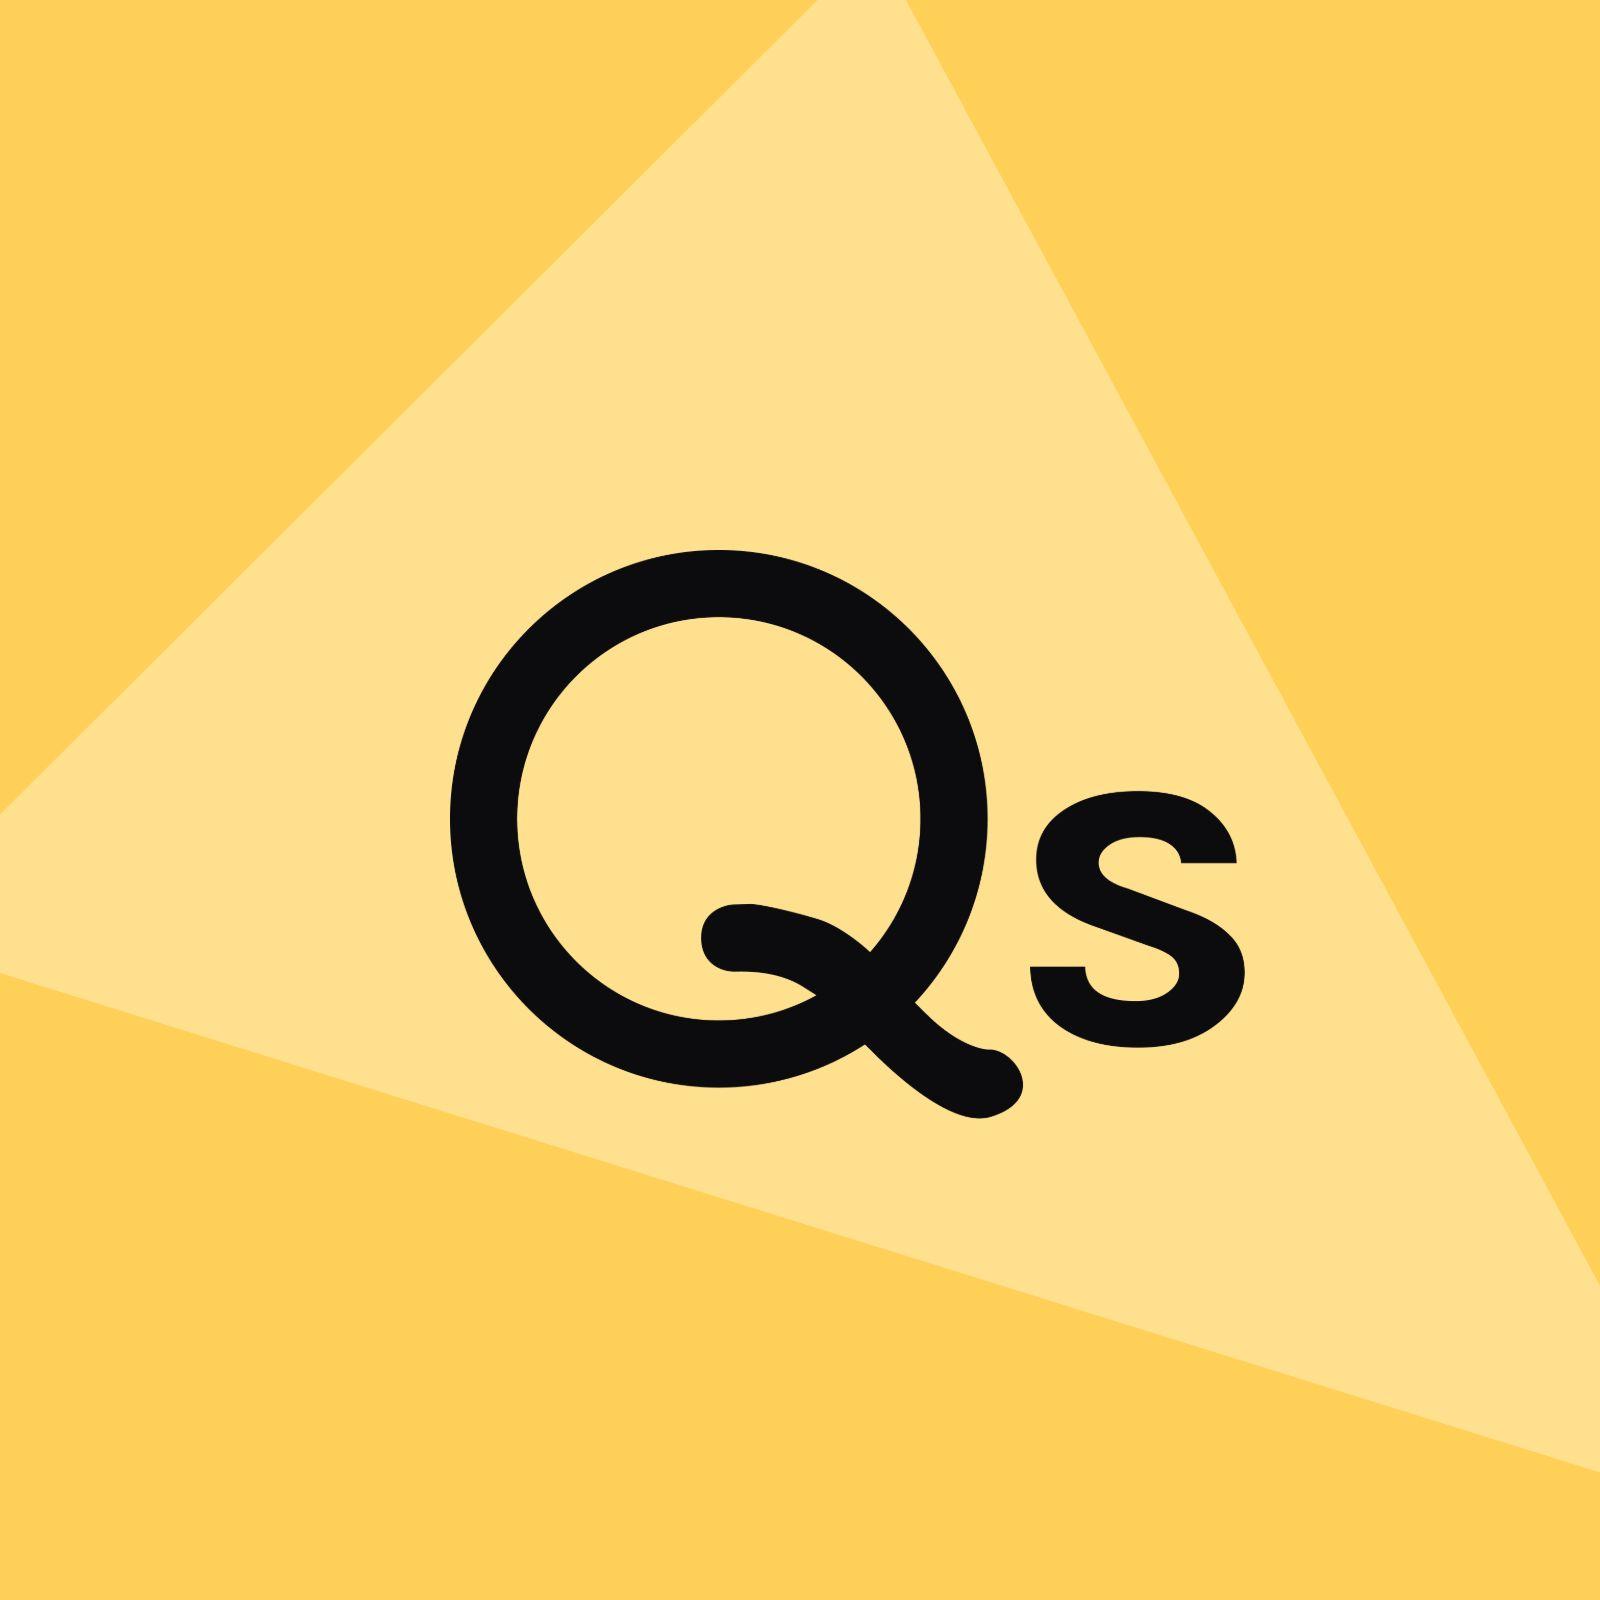 Qs@3x